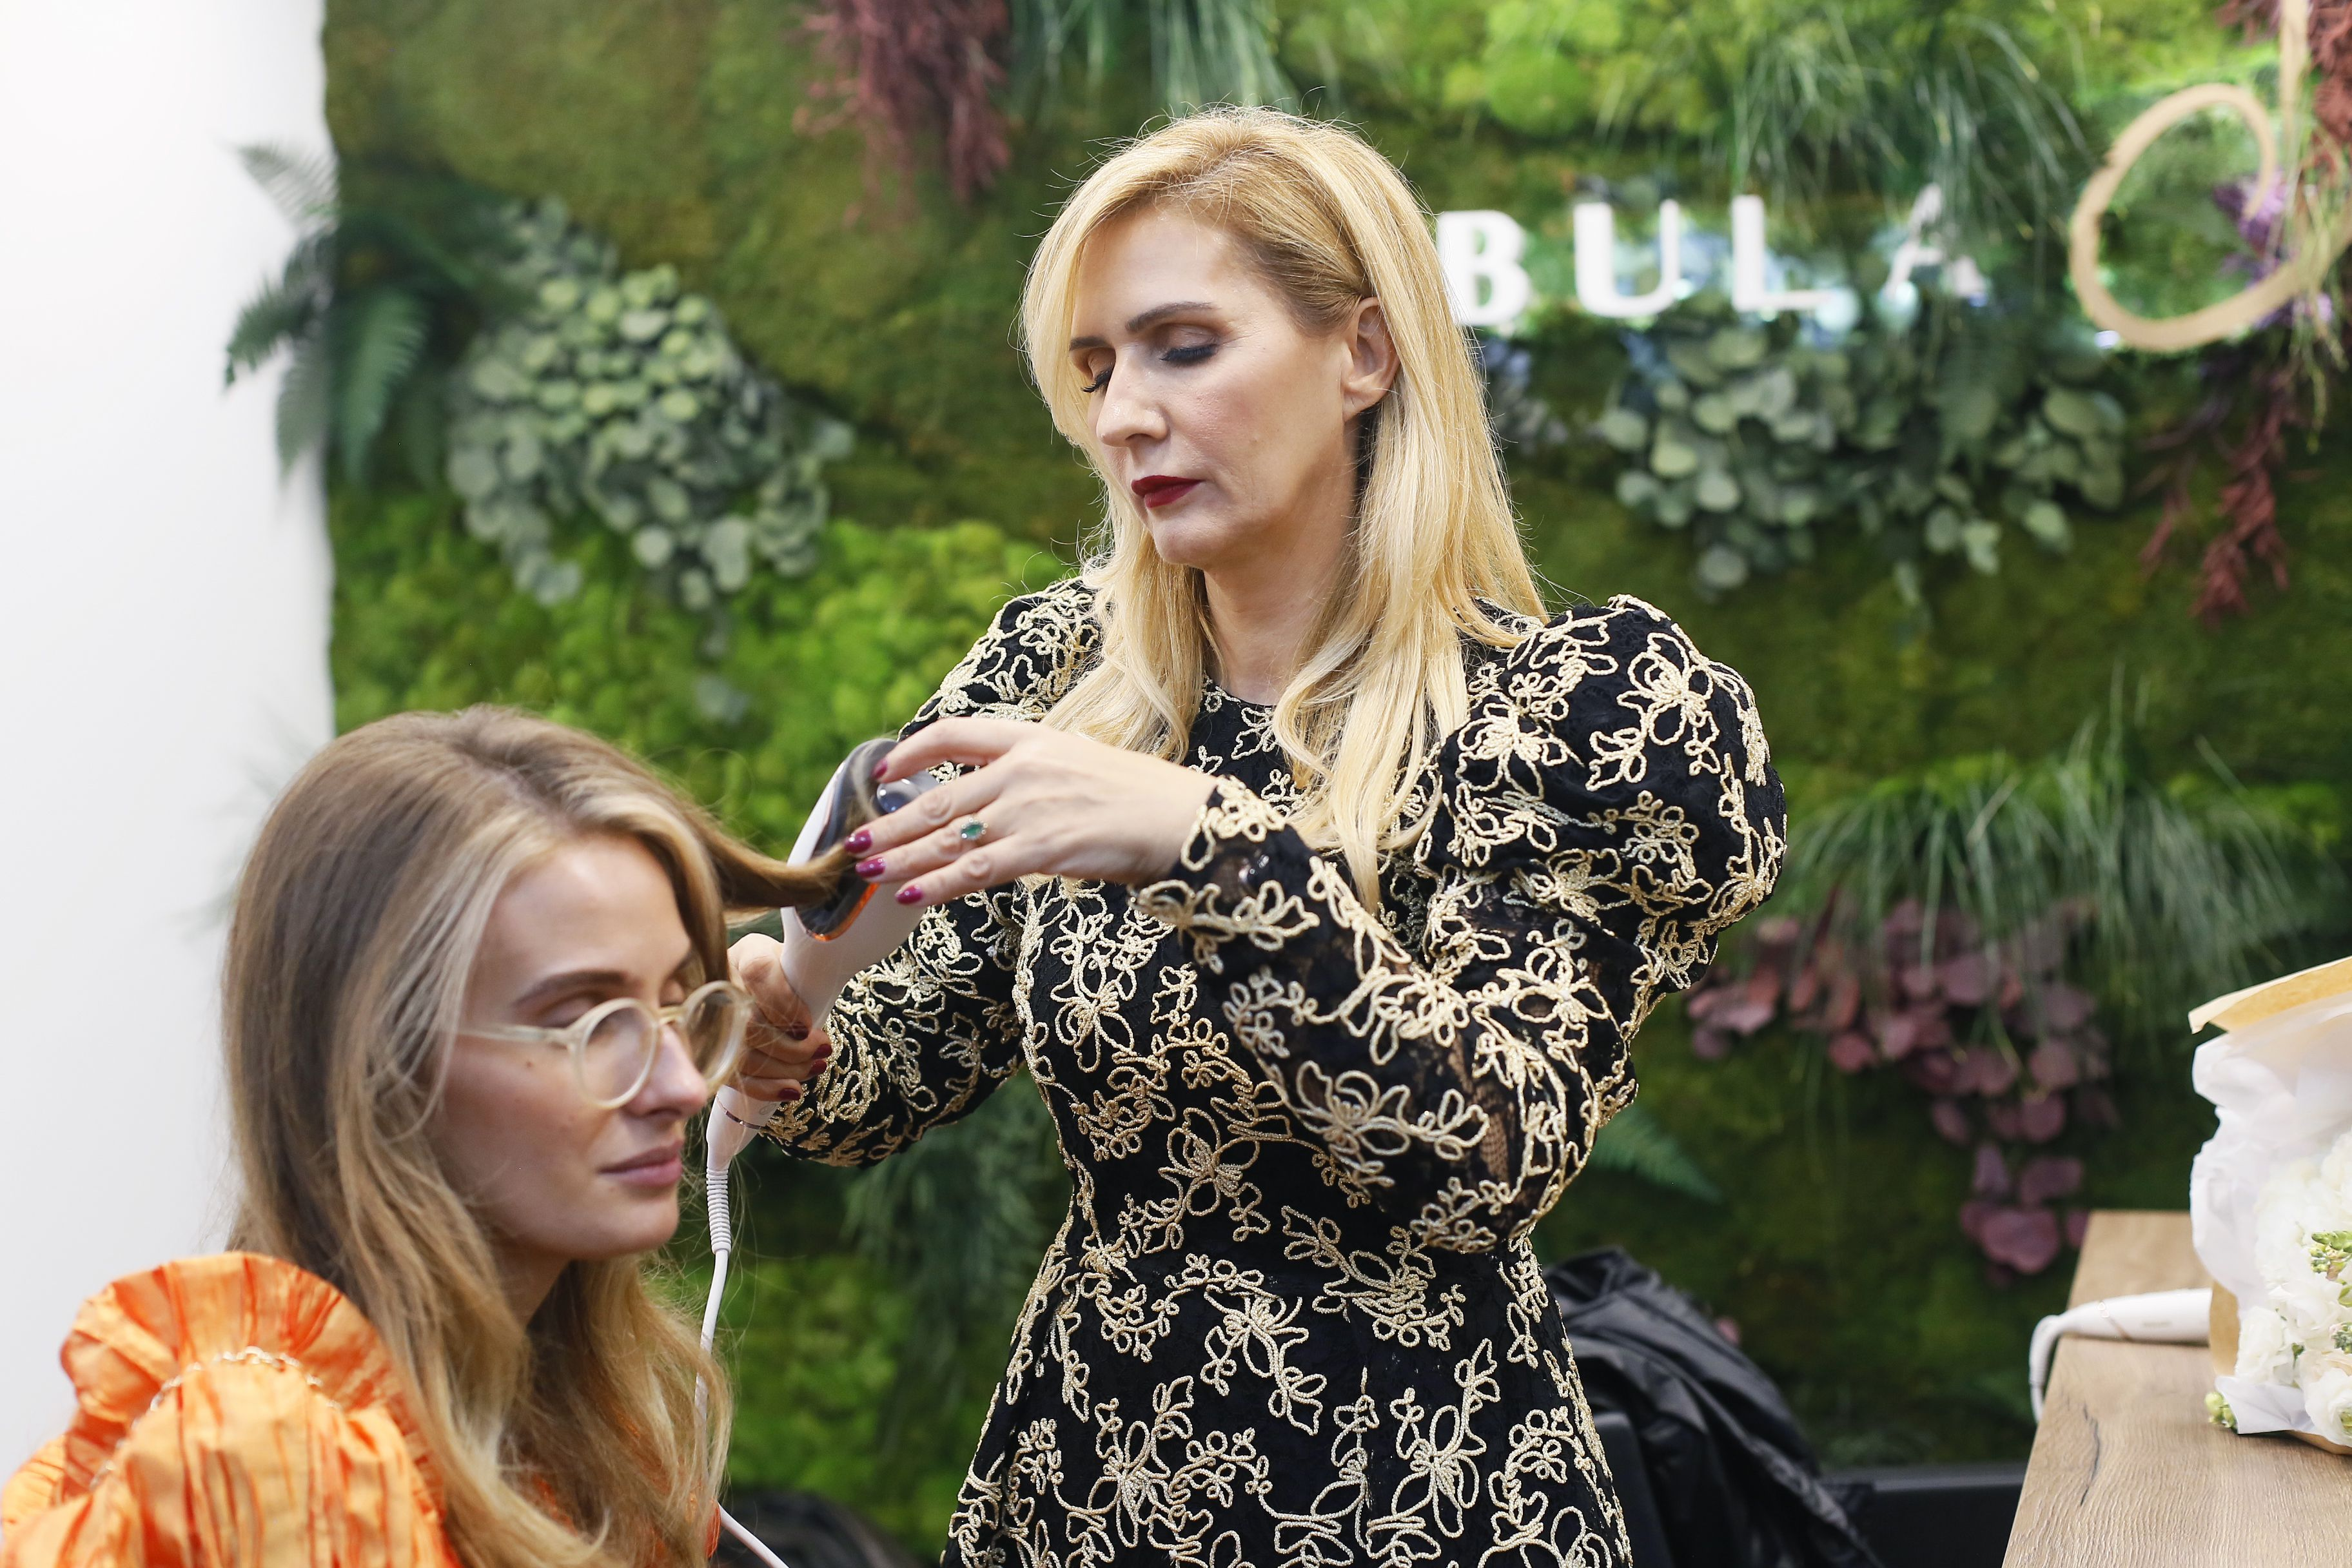 Poznate Hrvatice saznale sve trikove za održavanje prekrasne, sjajne i njegovane kose